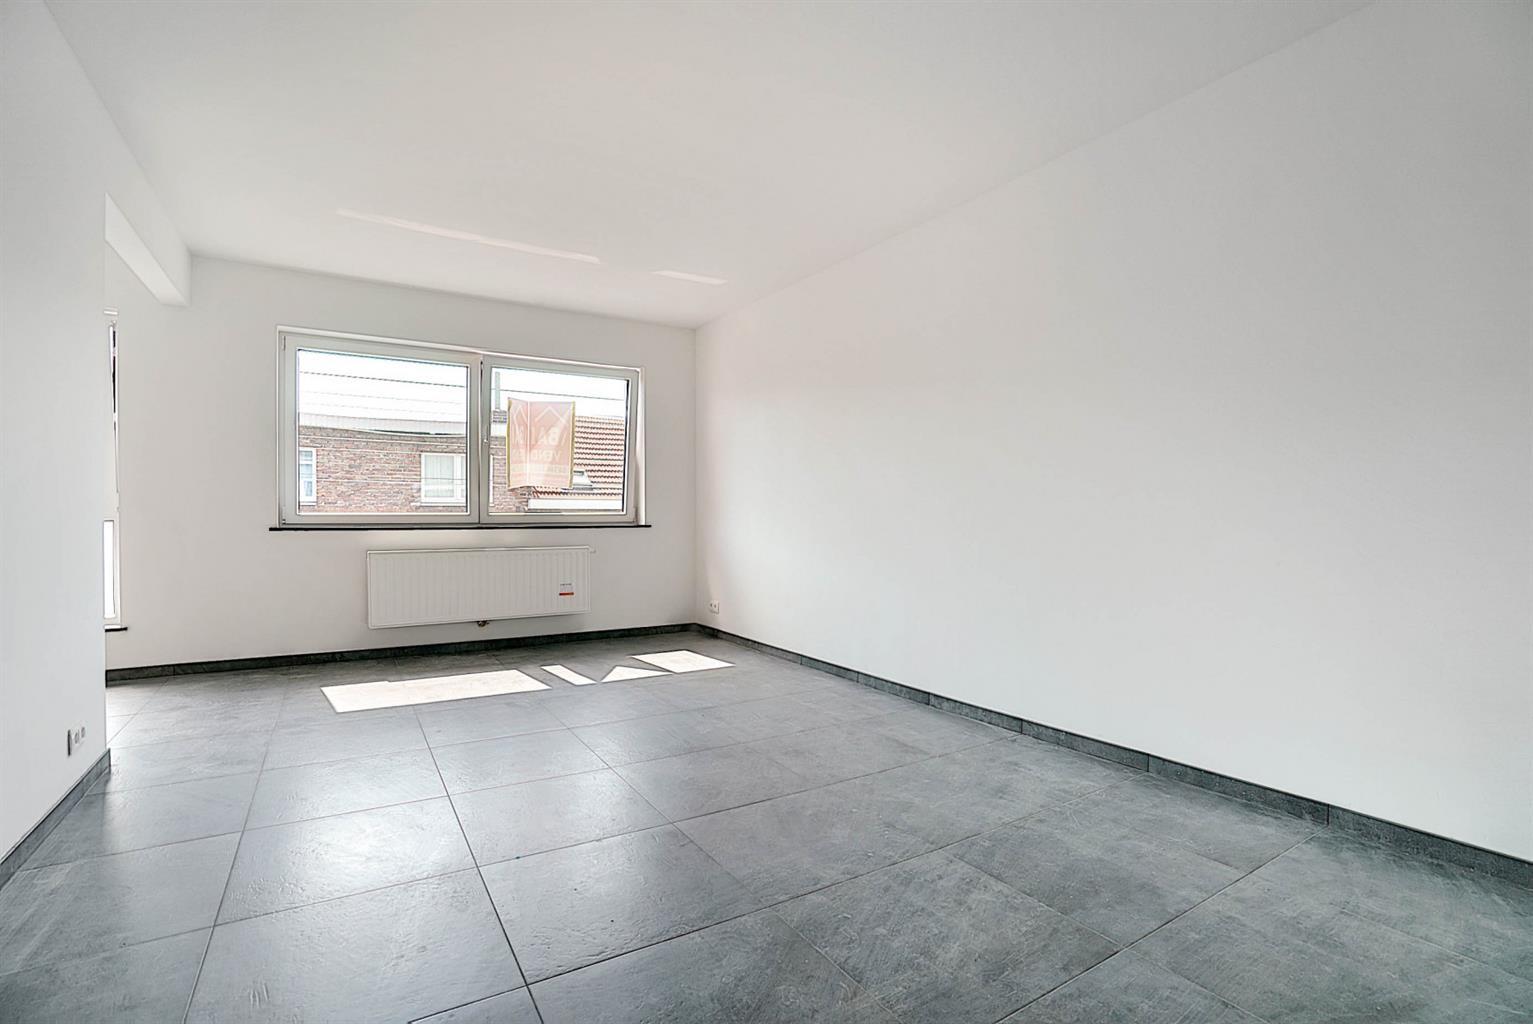 Appartement - Herstal - #4148218-4